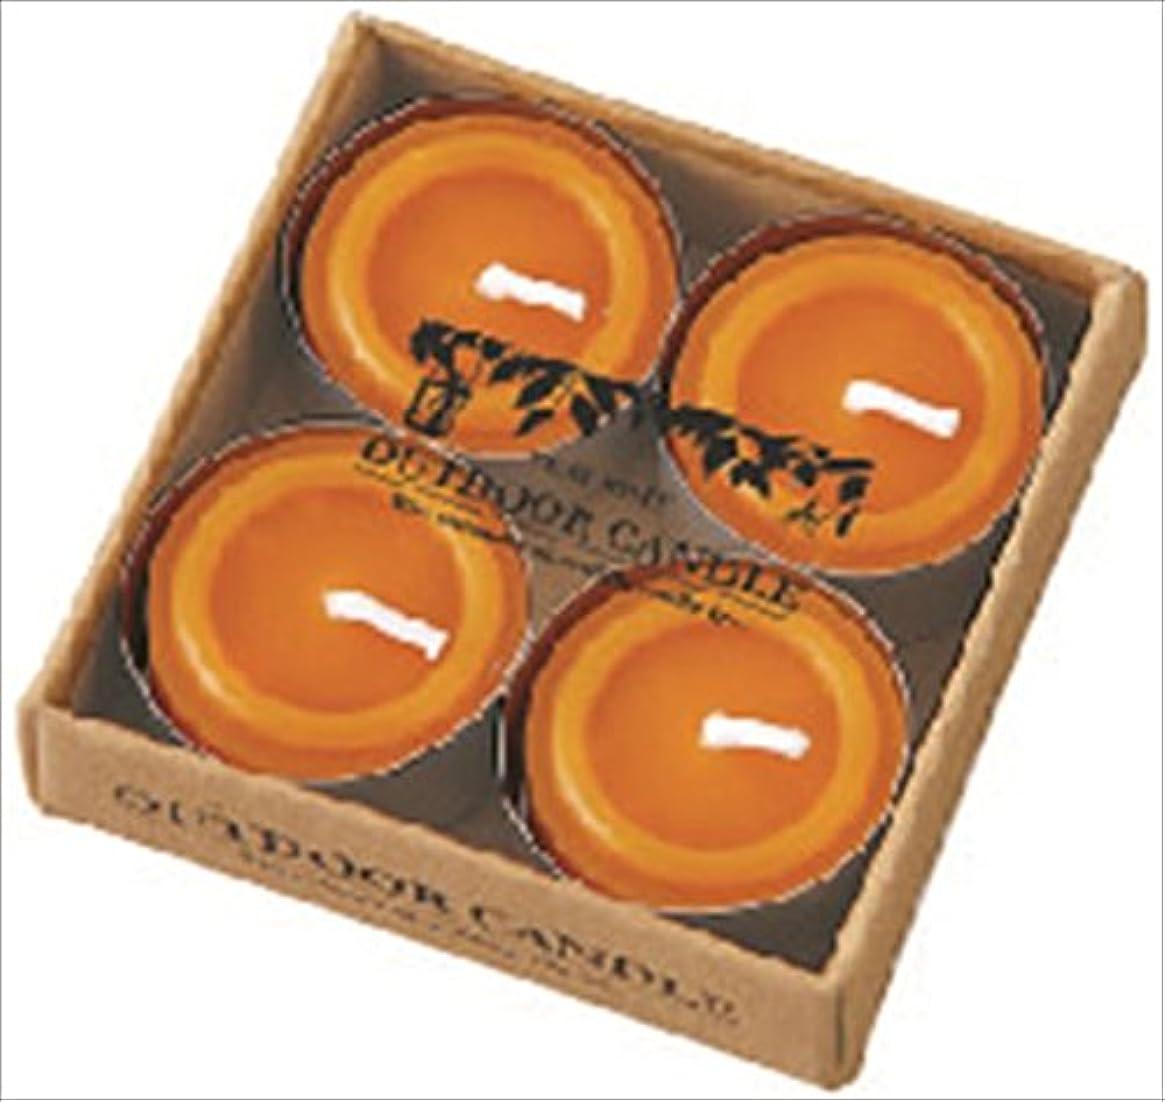 スキップ文法製造カメヤマキャンドル( kameyama candle ) シトロネラティーライト4個入り A8590500